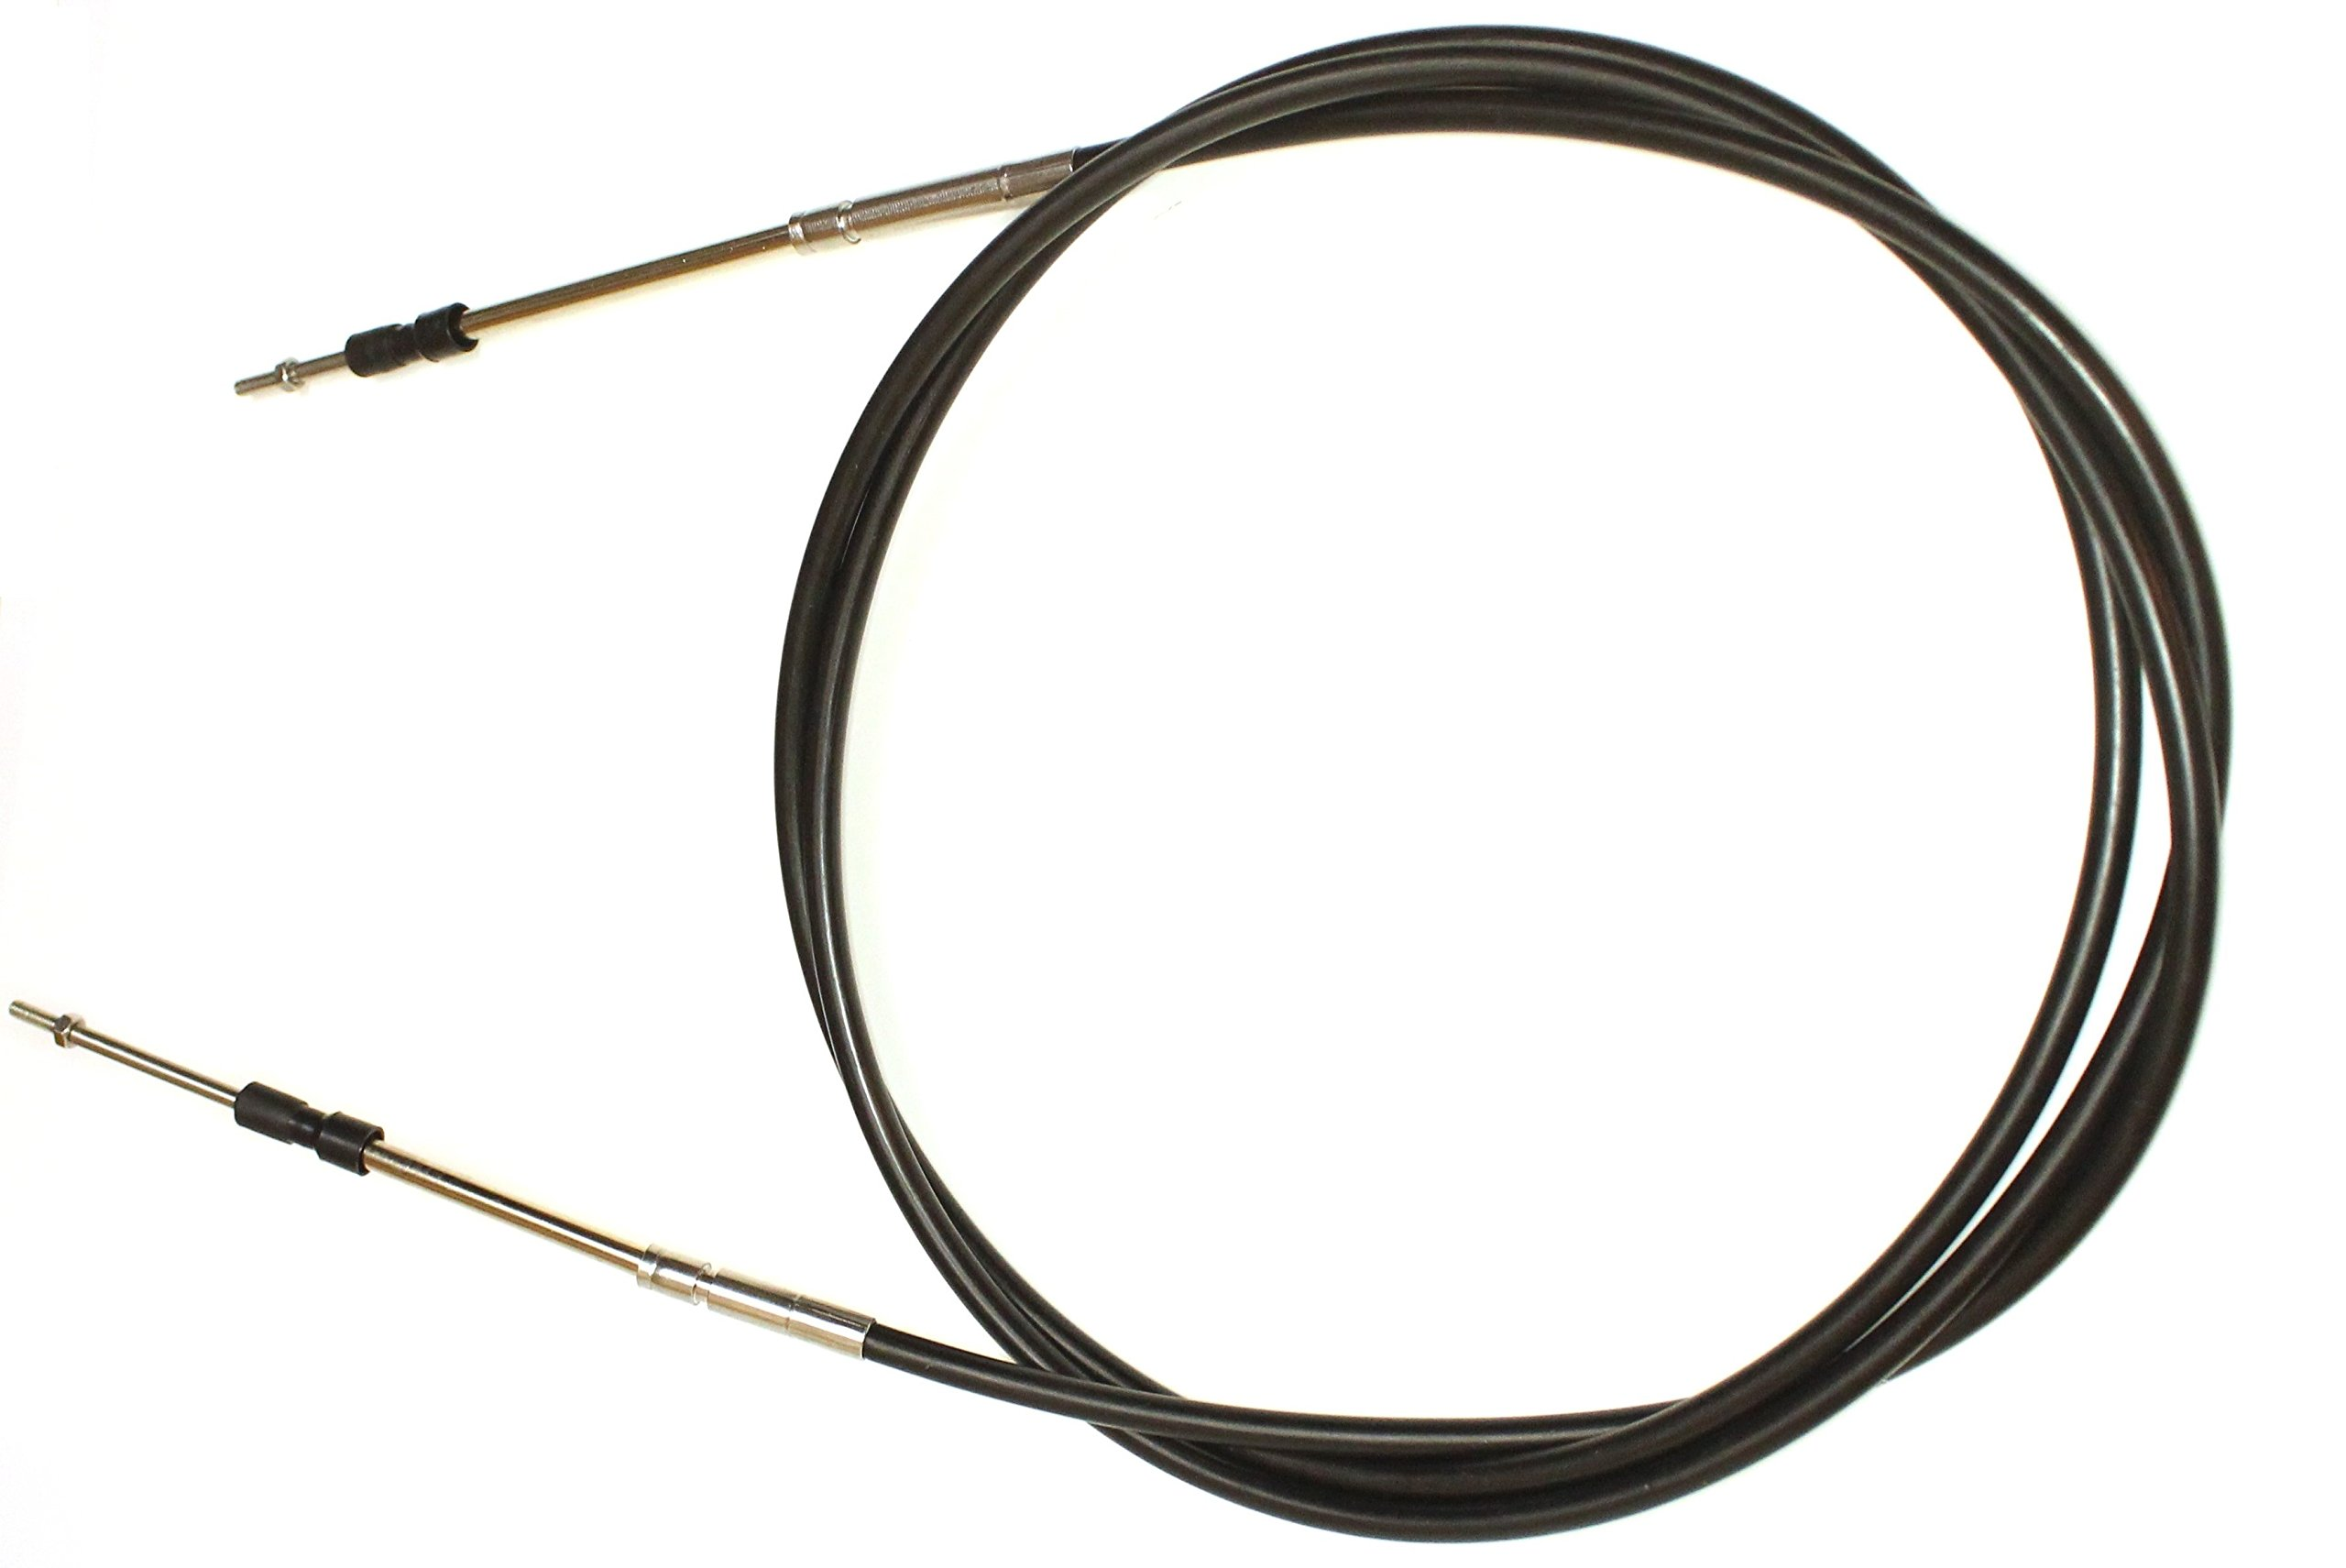 Yamaha Steering Cable F0x-u1481-10-00